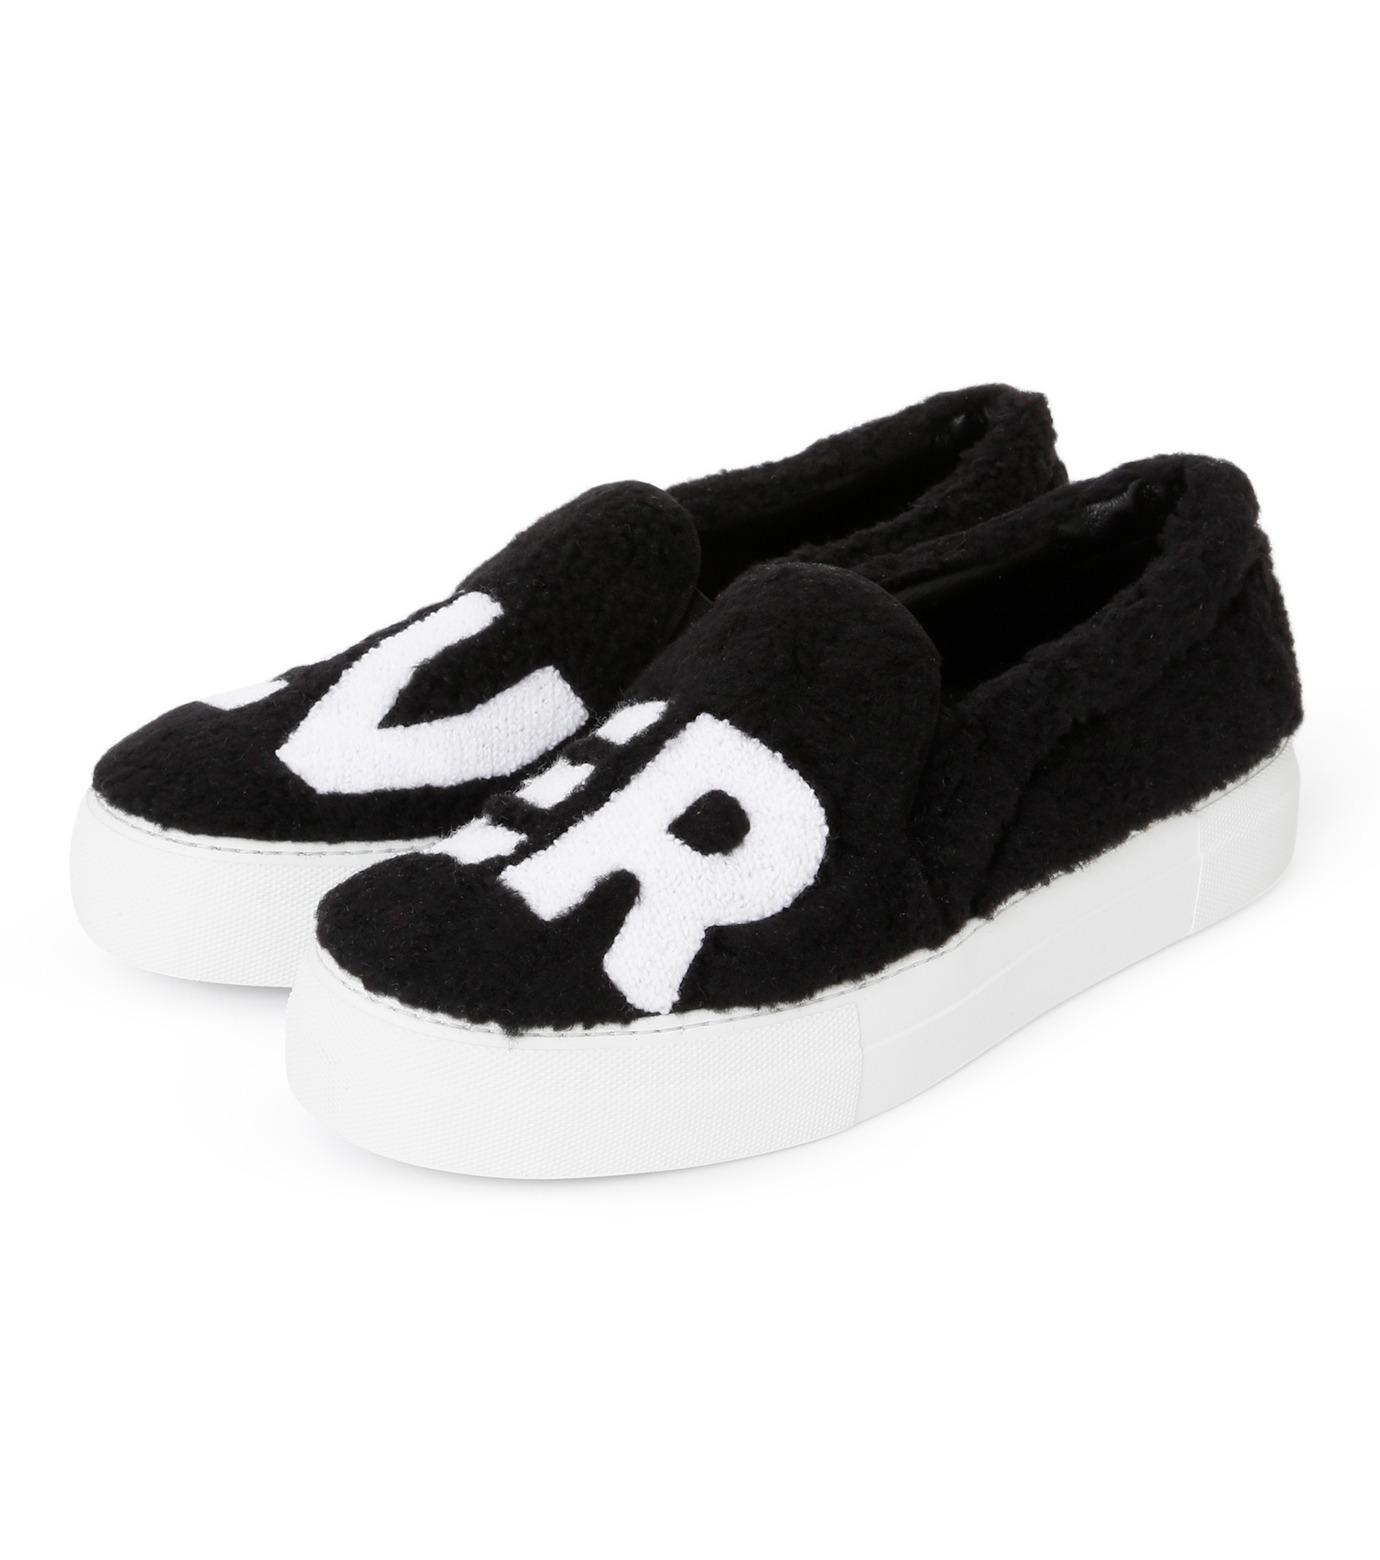 Joshua SANDERS(ジョシュア・サンダース)のSlip On Black Ever-BLACK(スニーカー/sneaker)-10078S-13 拡大詳細画像2